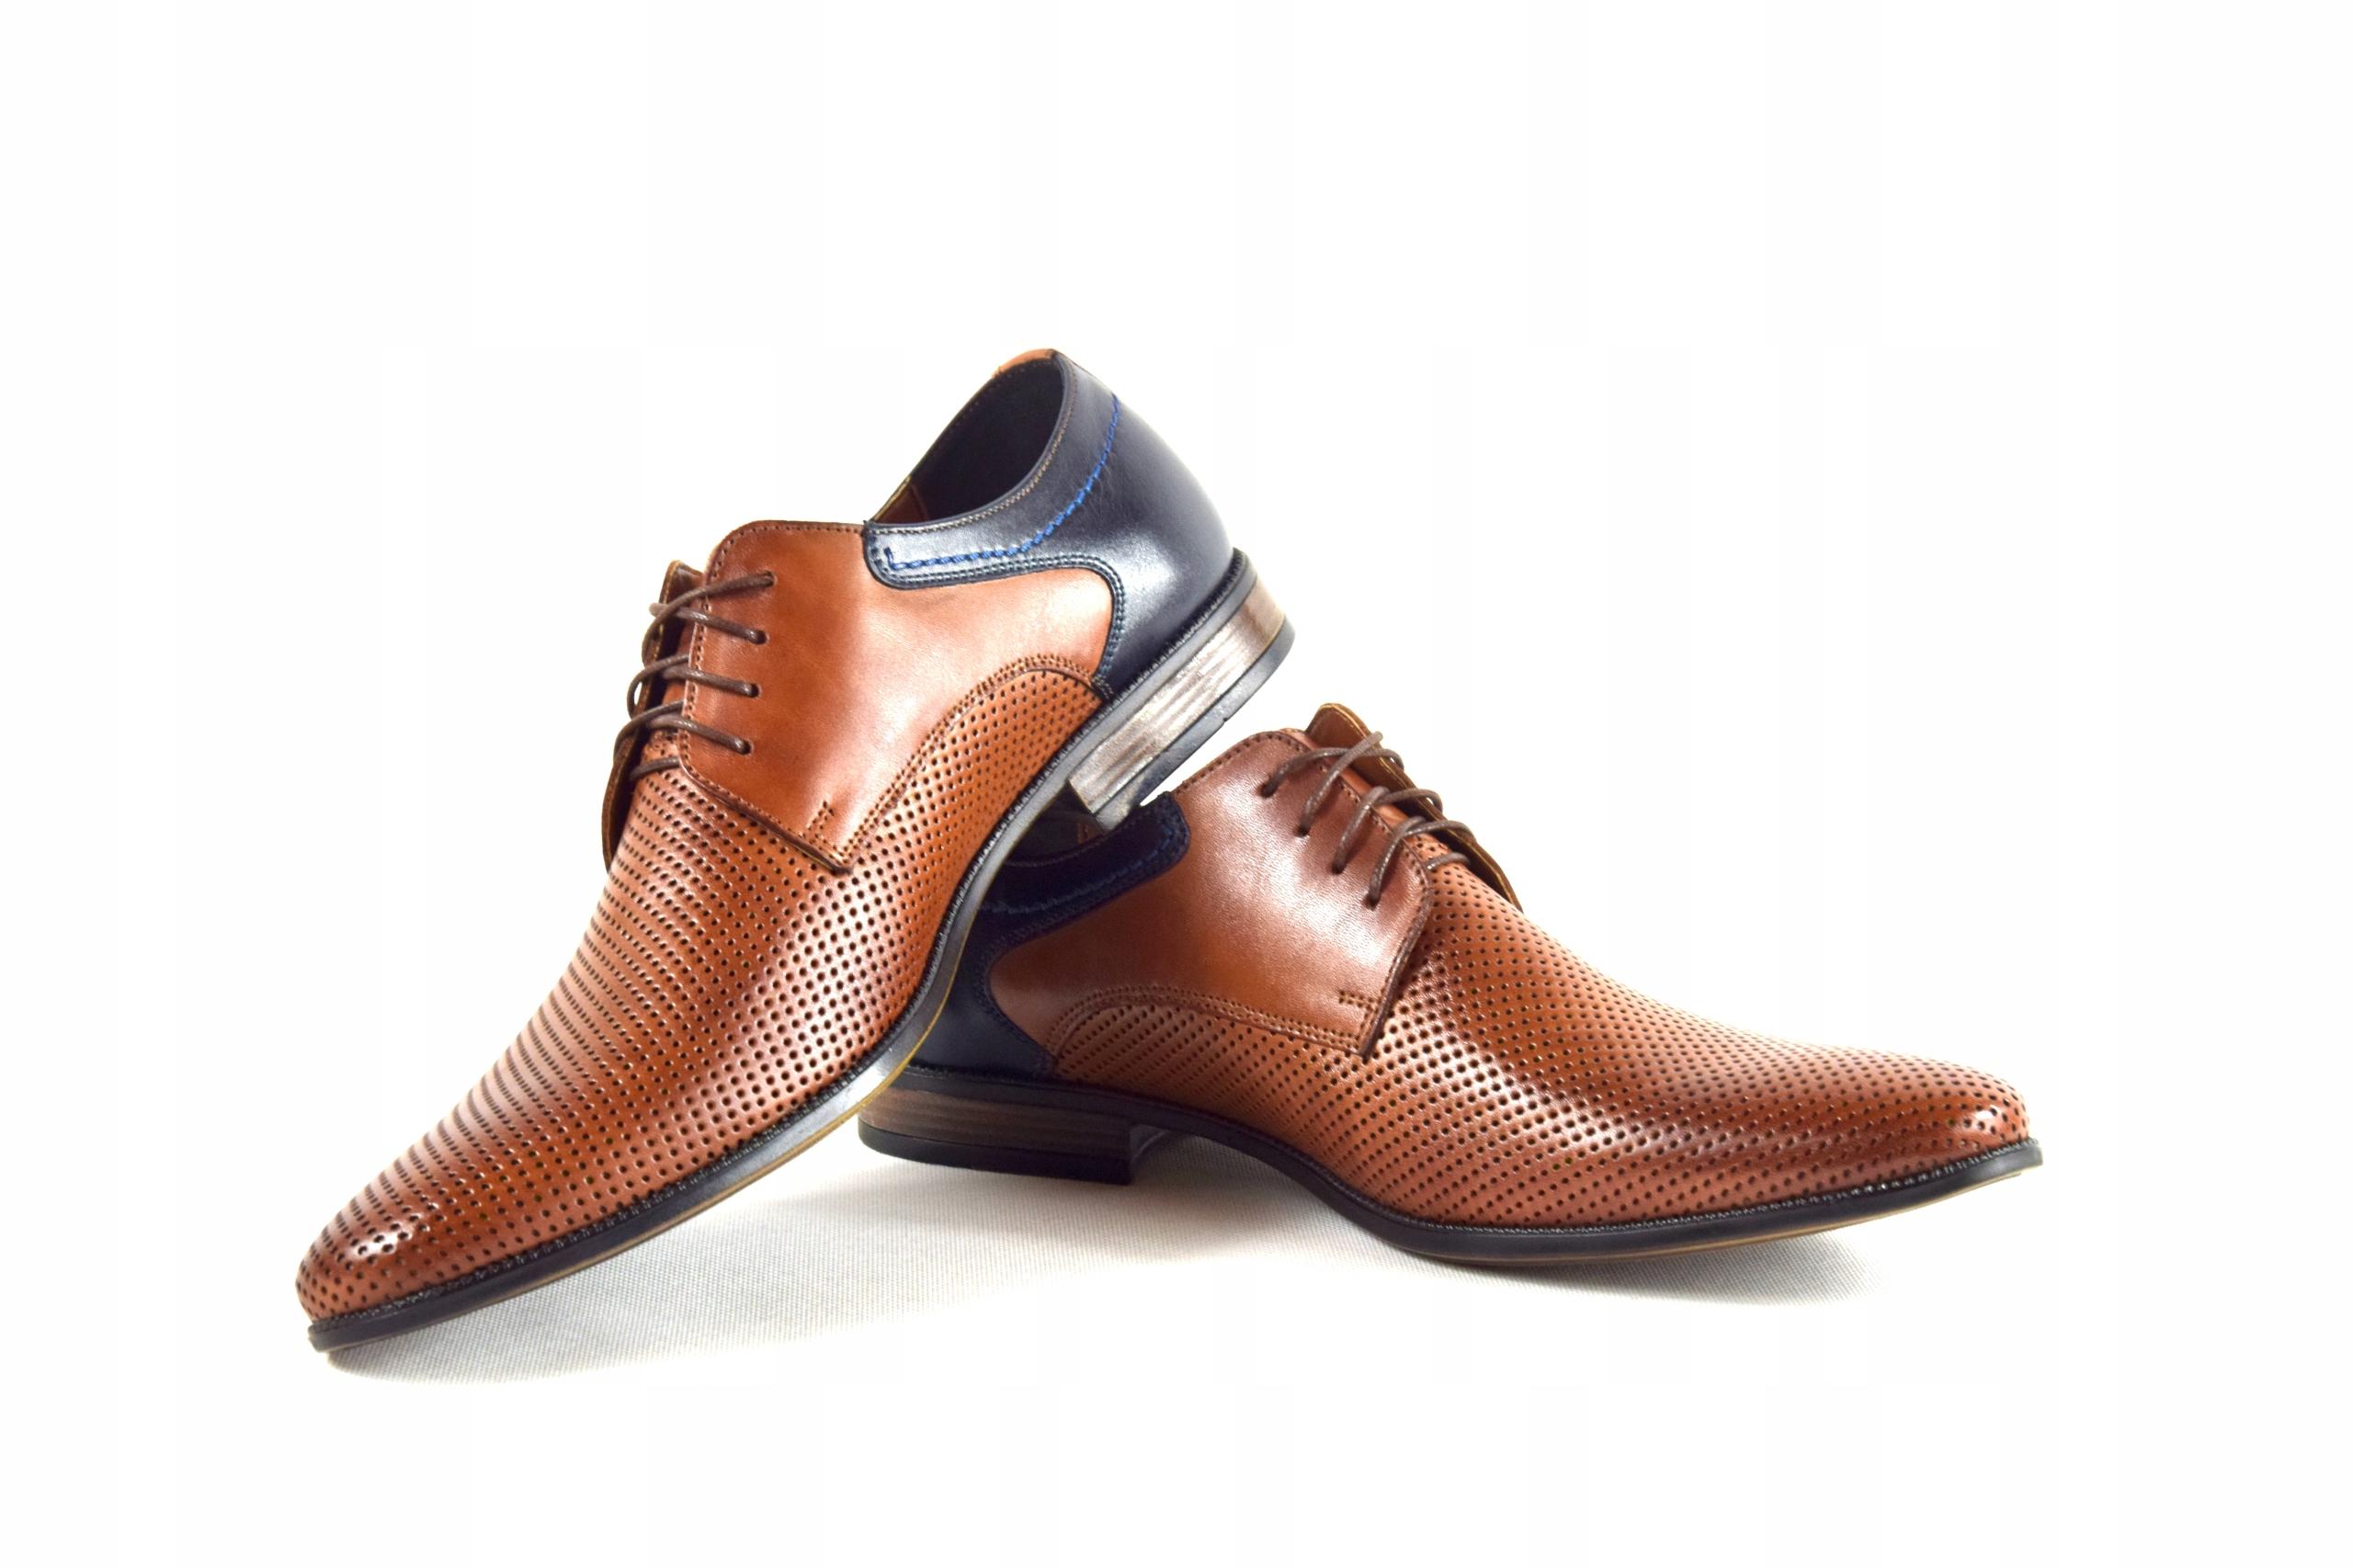 Buty męskie wizytowe skórzane brązowe obuwie 322 Kolor brązowy